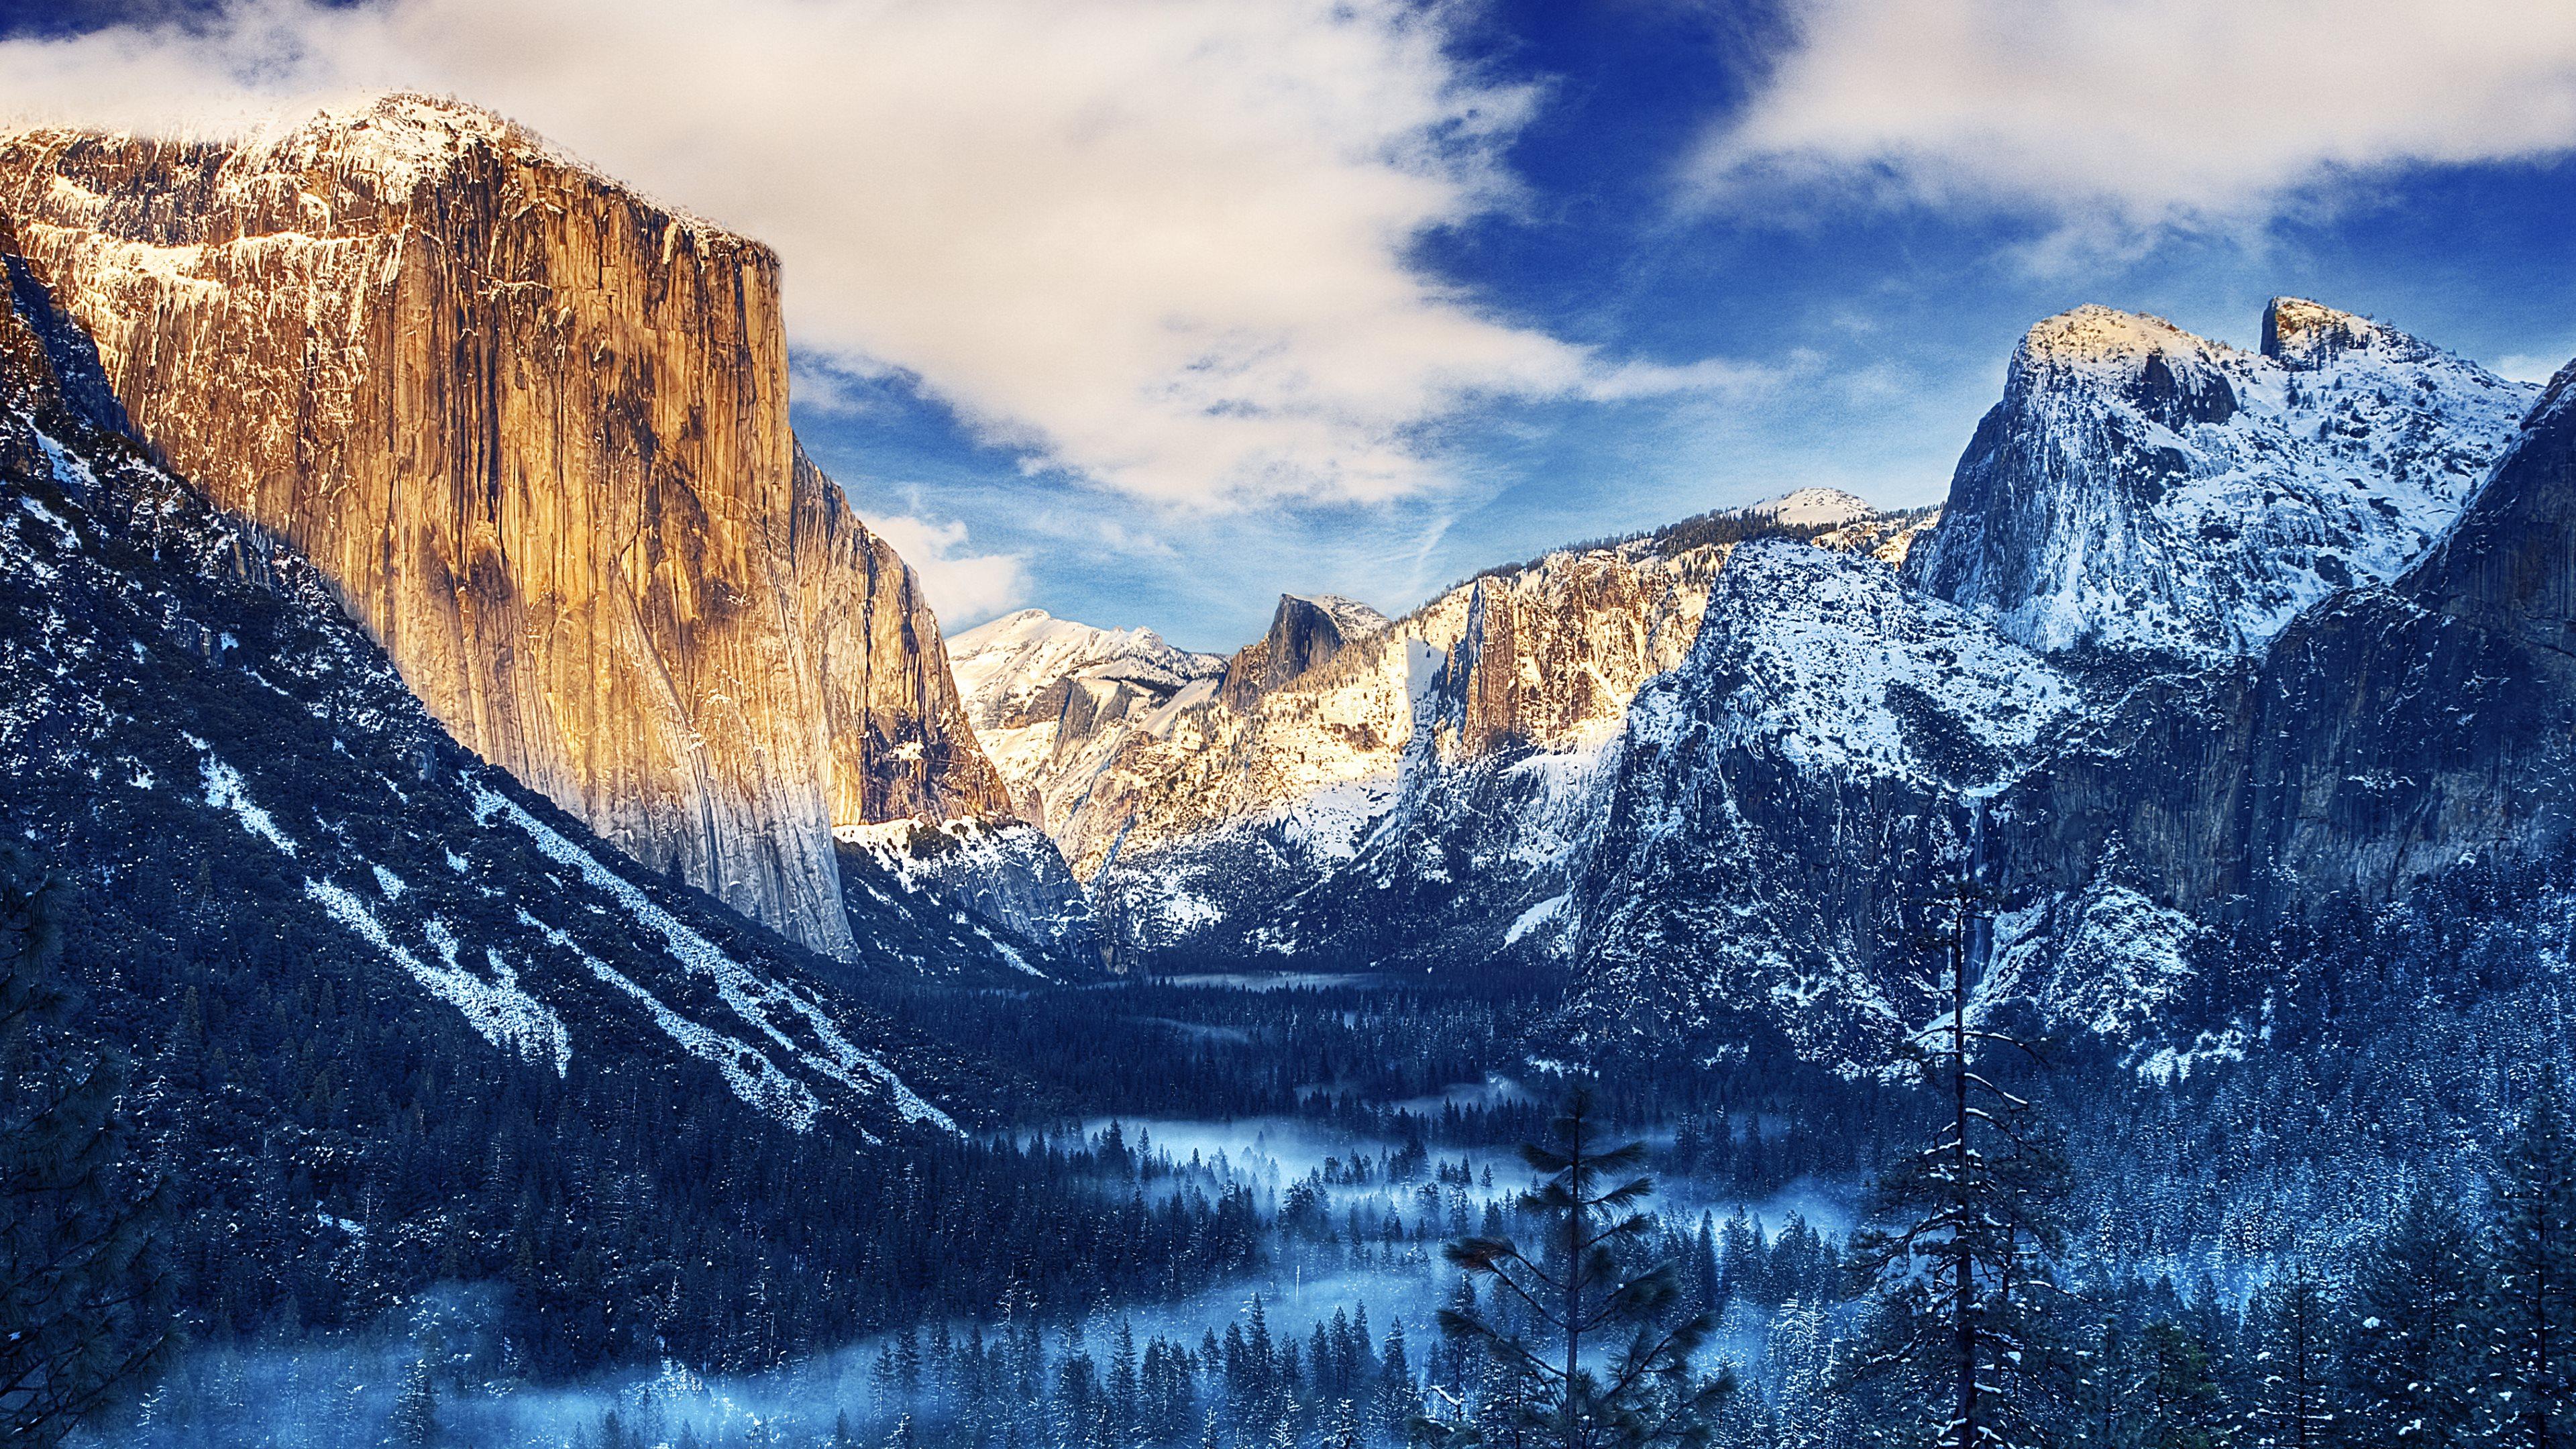 46 Yosemite 4k Wallpaper On Wallpapersafari